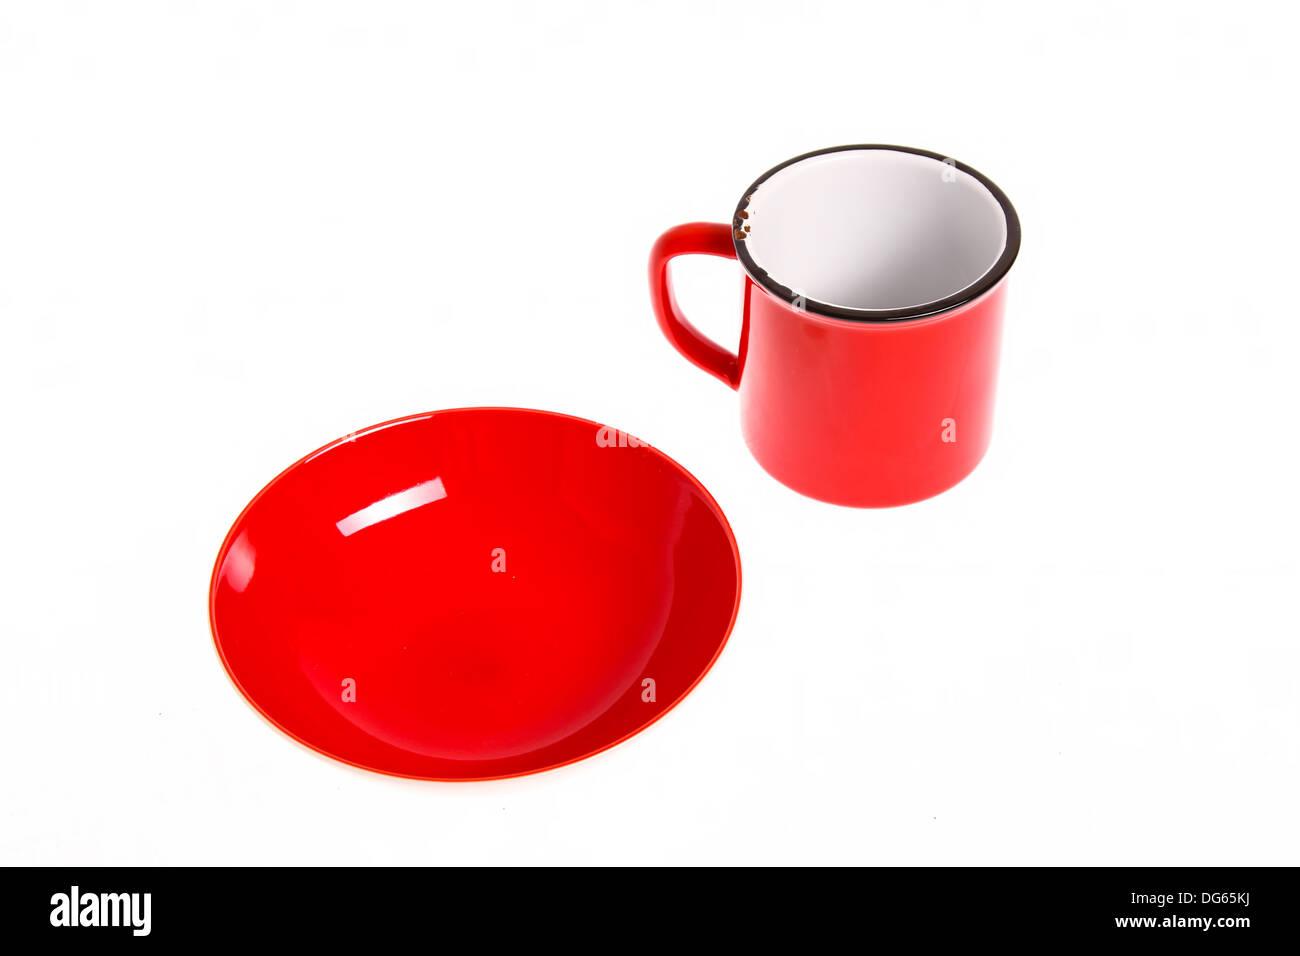 Eine Rote Kaputte Tasse Und Schale Leer Isoliert Stockfoto